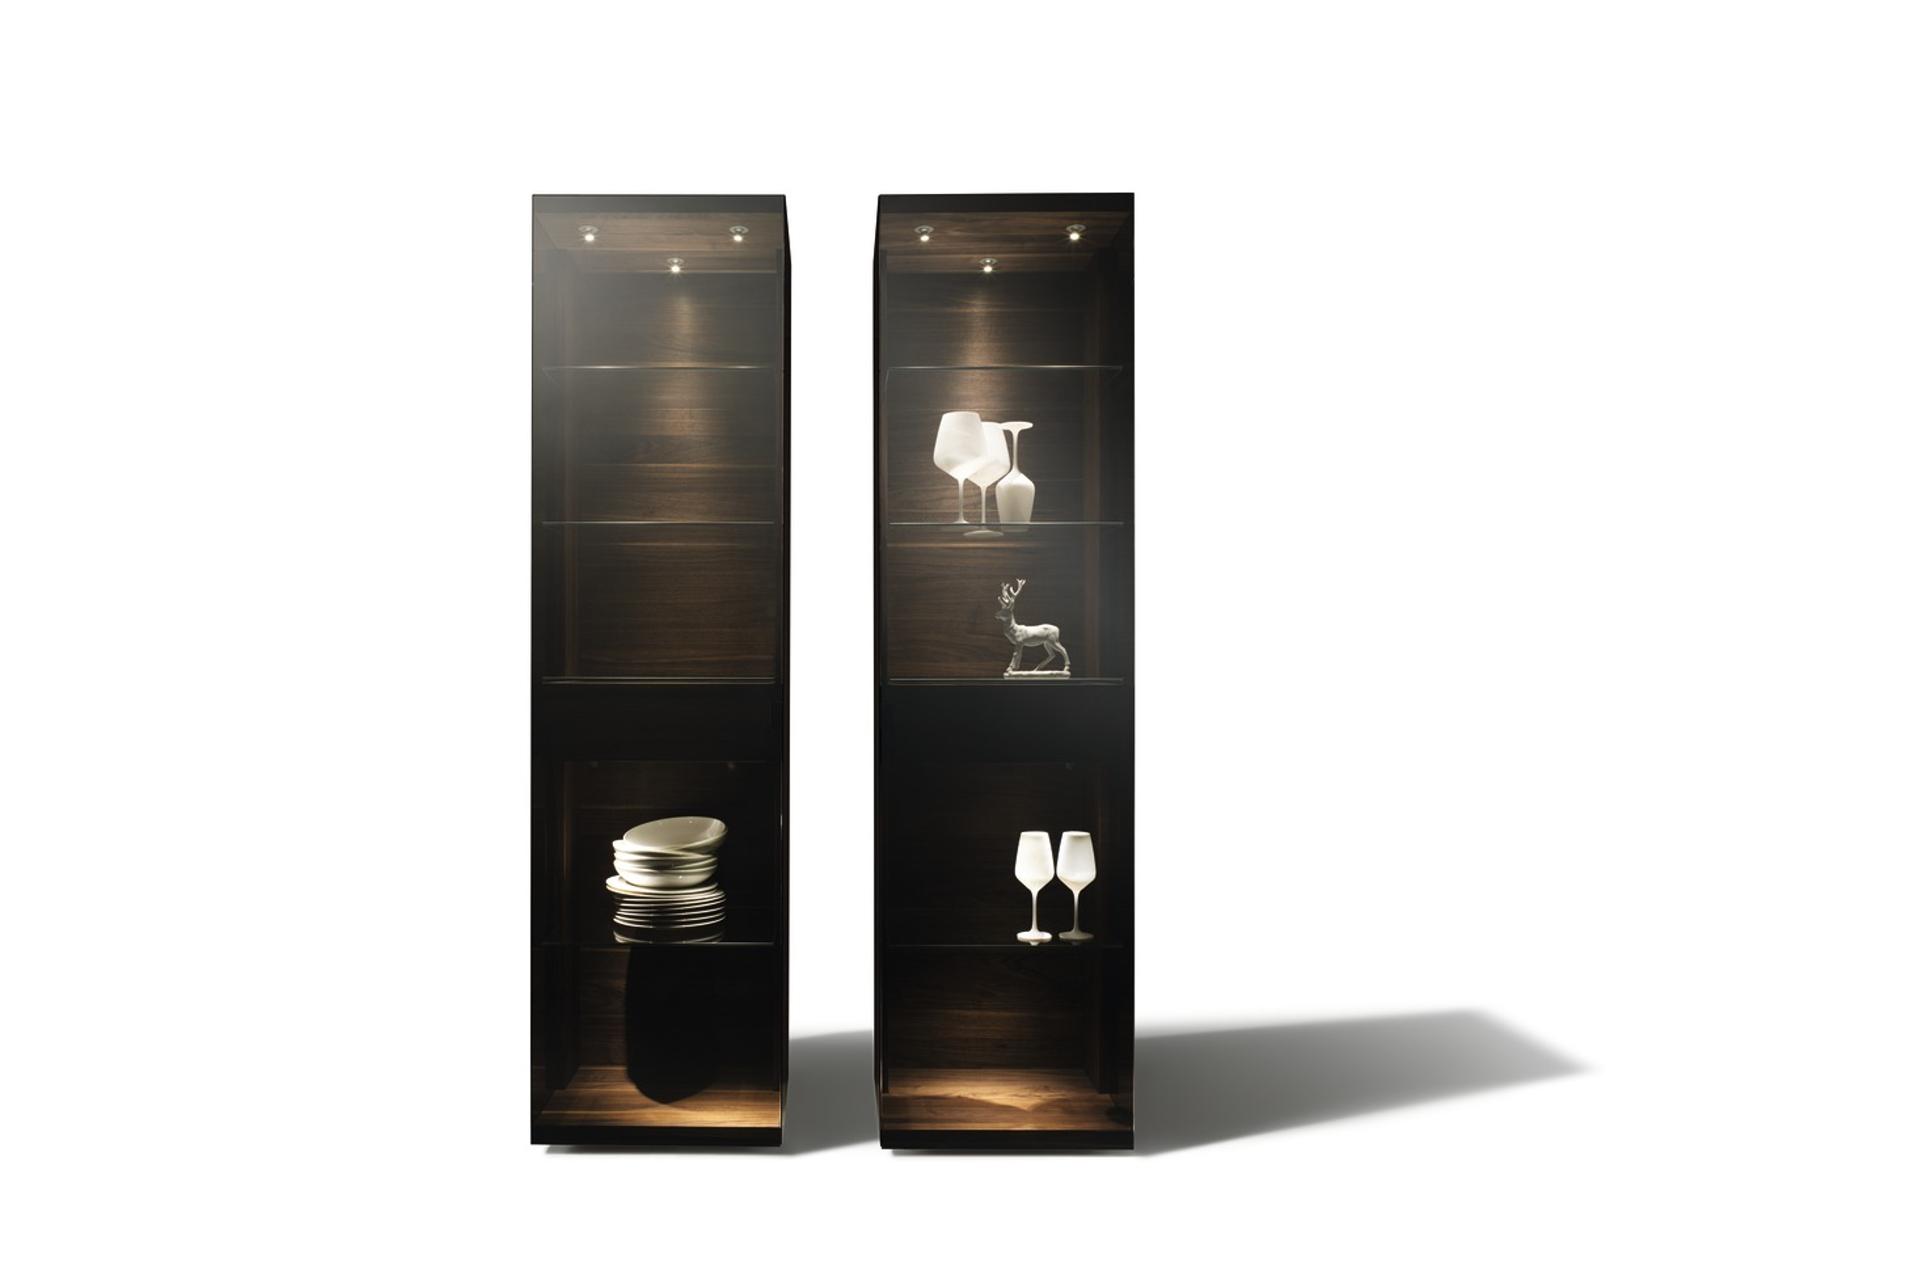 vitrine nox kohler nat rlich einrichten naturholzm bel team 7 naturm bel massivholzm bel. Black Bedroom Furniture Sets. Home Design Ideas